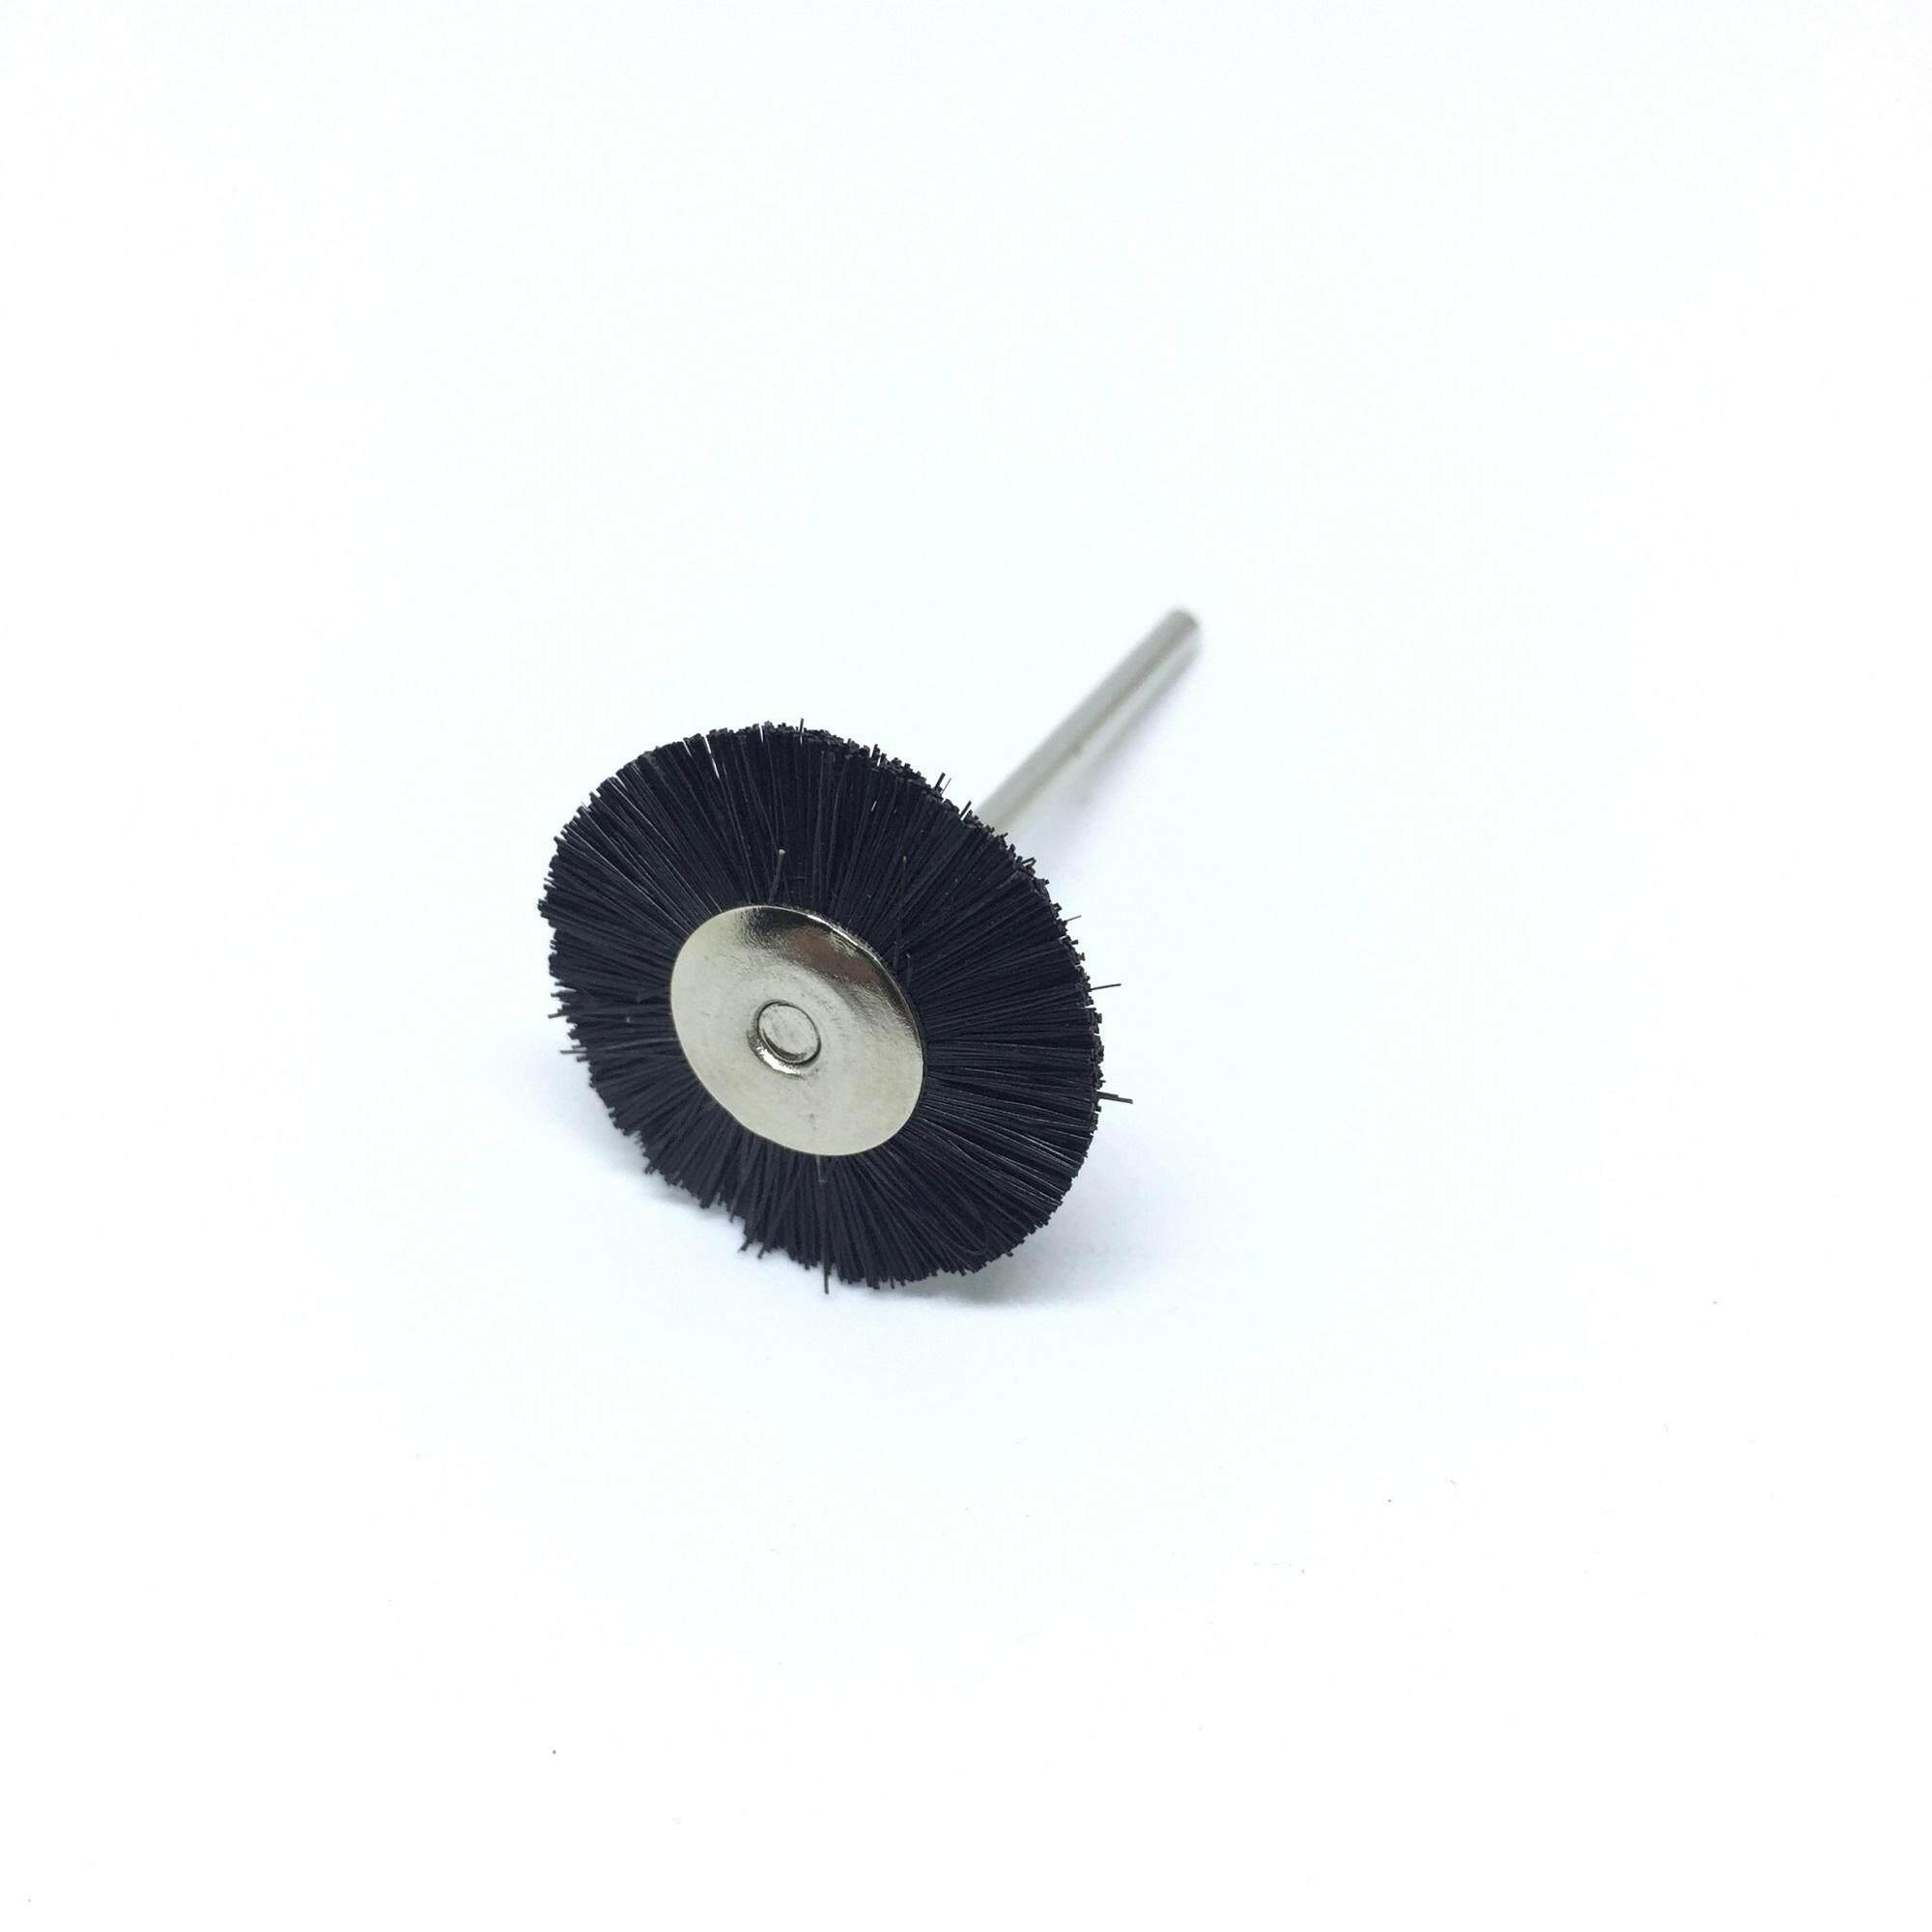 5pcs Mini Rotary Polishing Plastic Brush